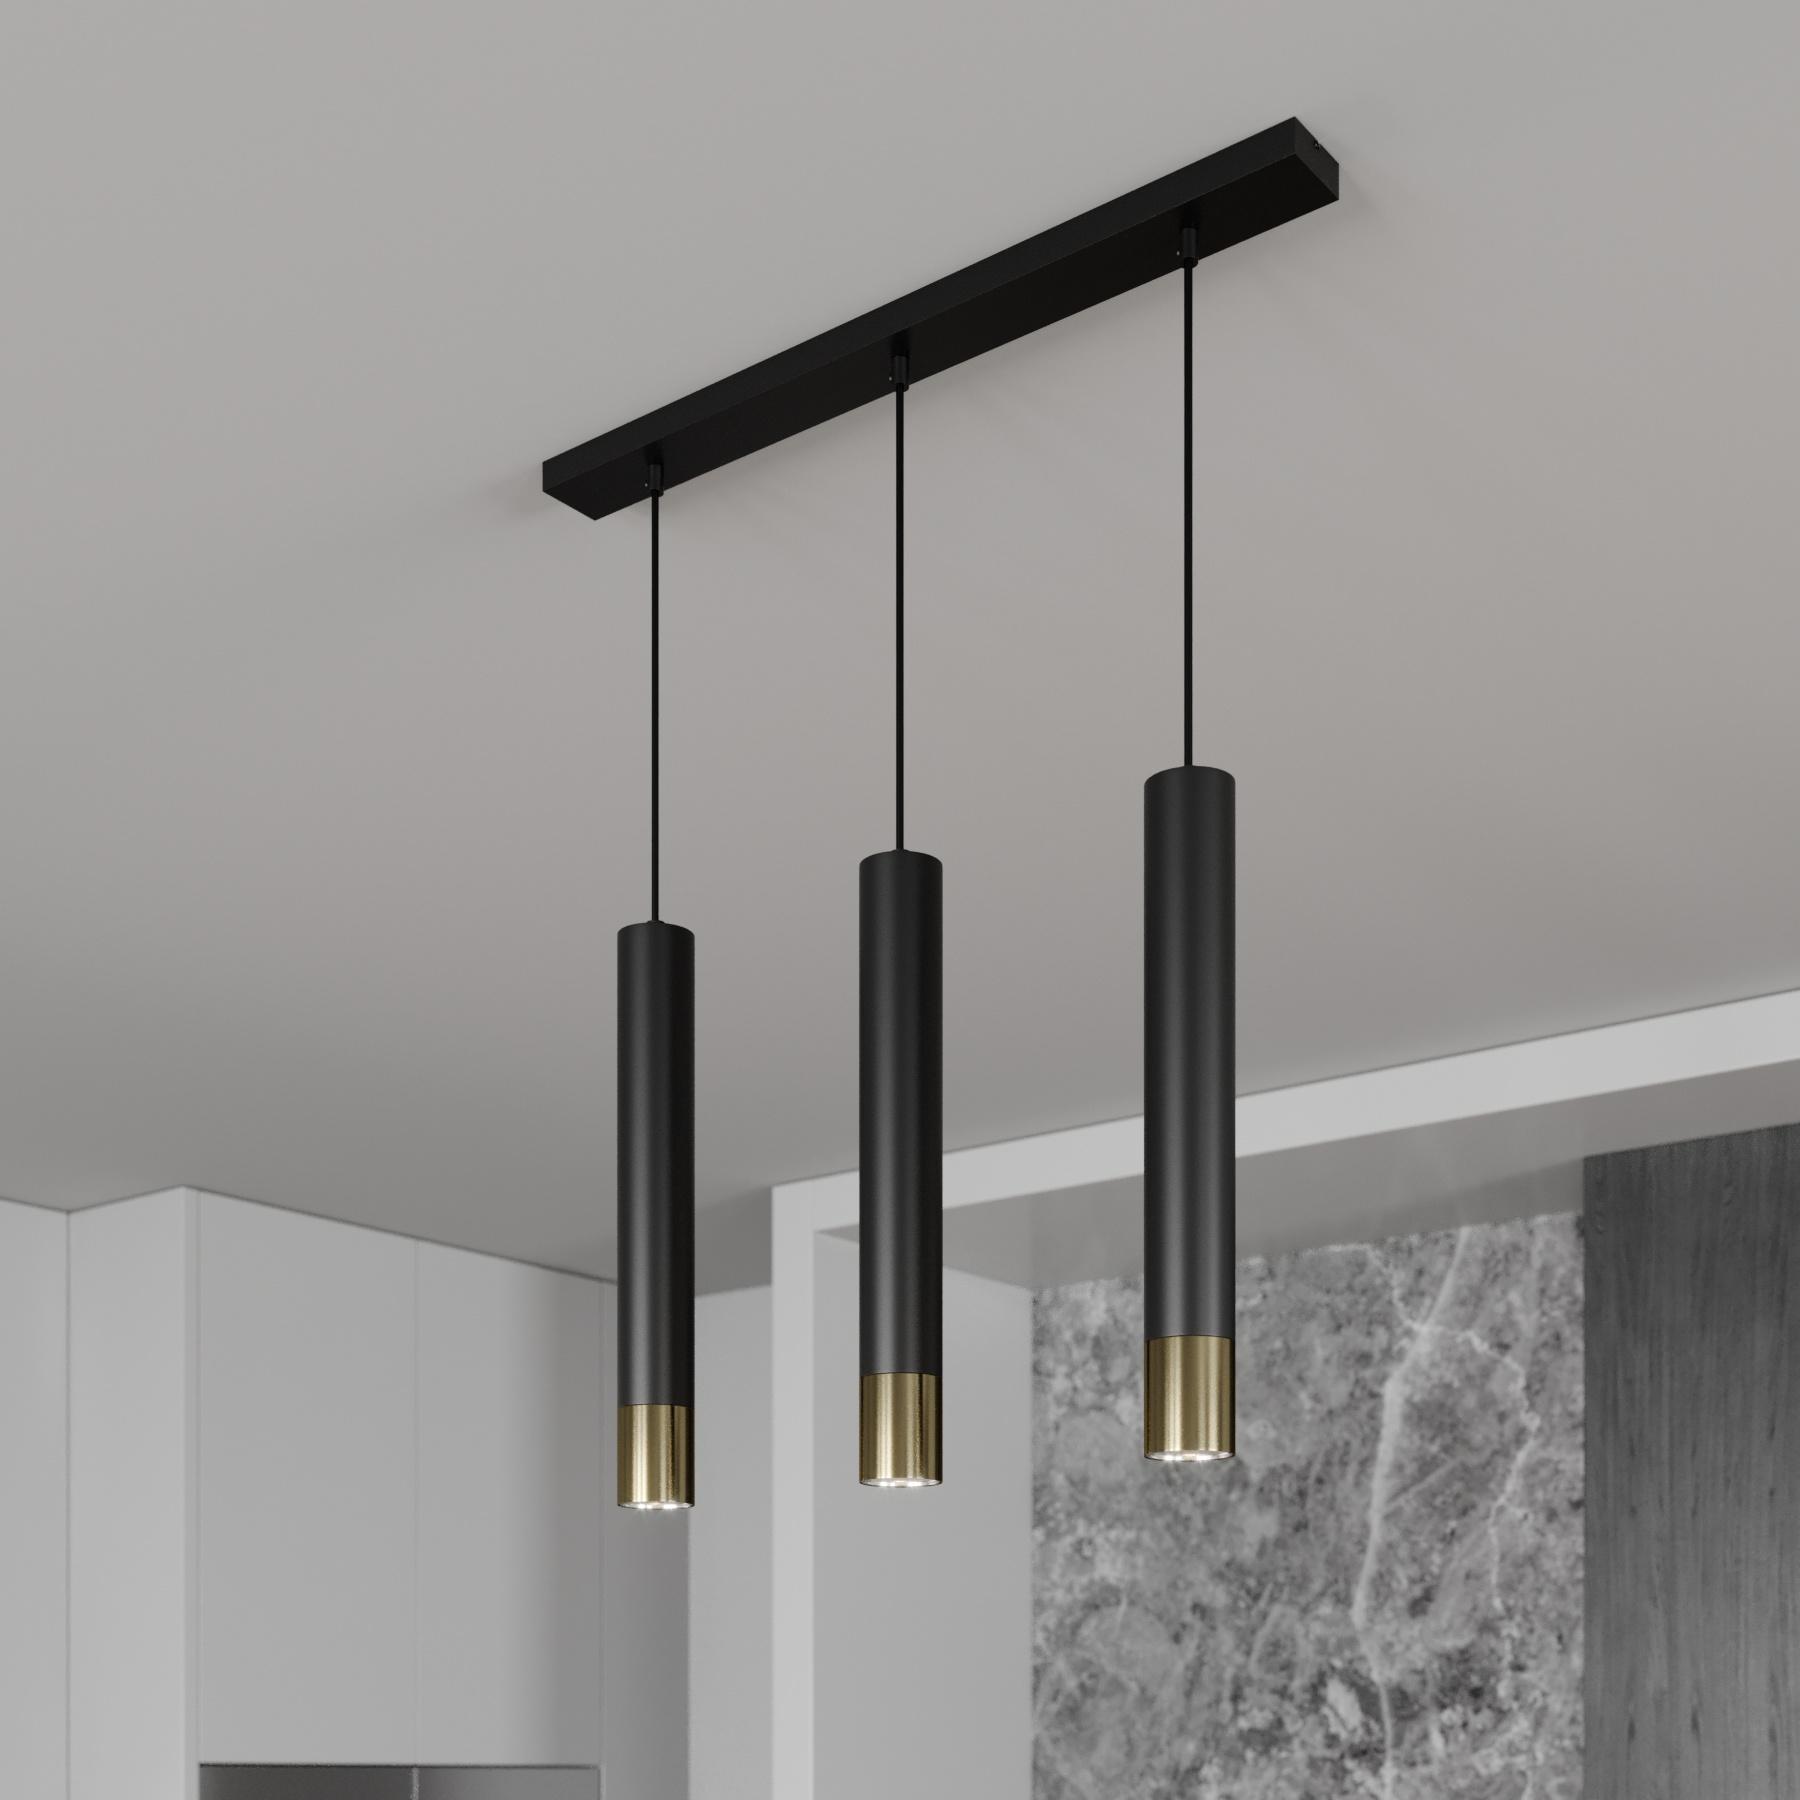 Lampa wisząca 3-punktowa liniowa czarna/złota